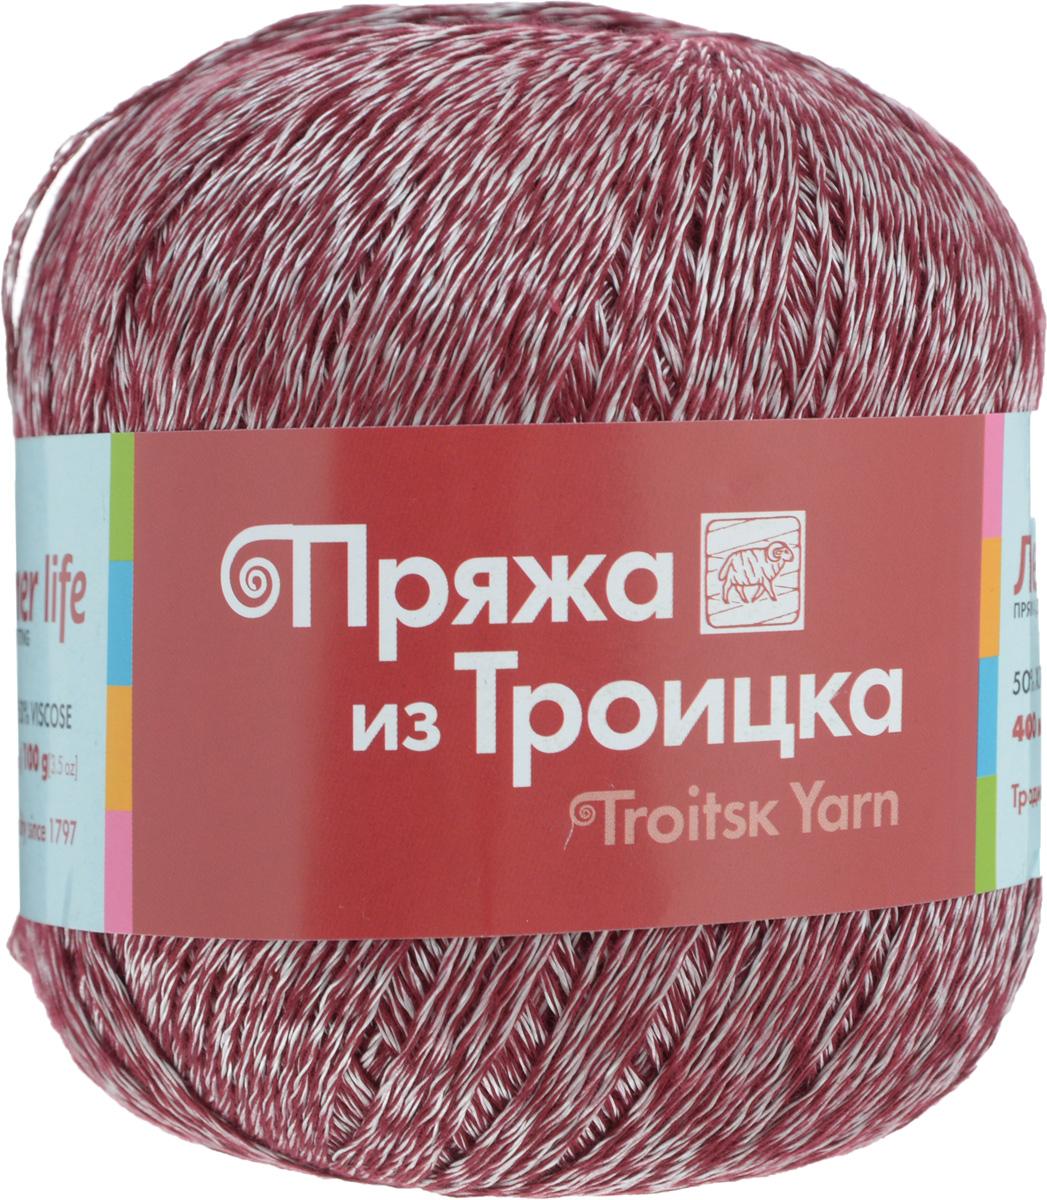 Пряжа для вязания Летняя, цвет: вишневый, белый (0836), 400 м, 100 г, 10 шт366099_0836Легкая, шелковистая, приятная телу пряжа Летняя выполнена из высококачественного хлопка и вискозы. Она идеально подходит для сетчатых изделий и узоров, связанных крючком. Мастерицы рекомендуют использовать для вязания спицы или крючок с закругленными наконечниками: если нить неосторожно зацепить, то она тотчас пушится. Пряжа Летняя позволяет создавать вещи, которые можно надеть даже в жаркий день: такая одежда выглядит стильно и при этом позволяет чувствовать себя комфортно. Поскольку в состав пряжи входит хлопок, то после стирки изделие не теряет форму, но в горячей воде может немного сесть. Состав: 50% хлопок, 50% вискоза.